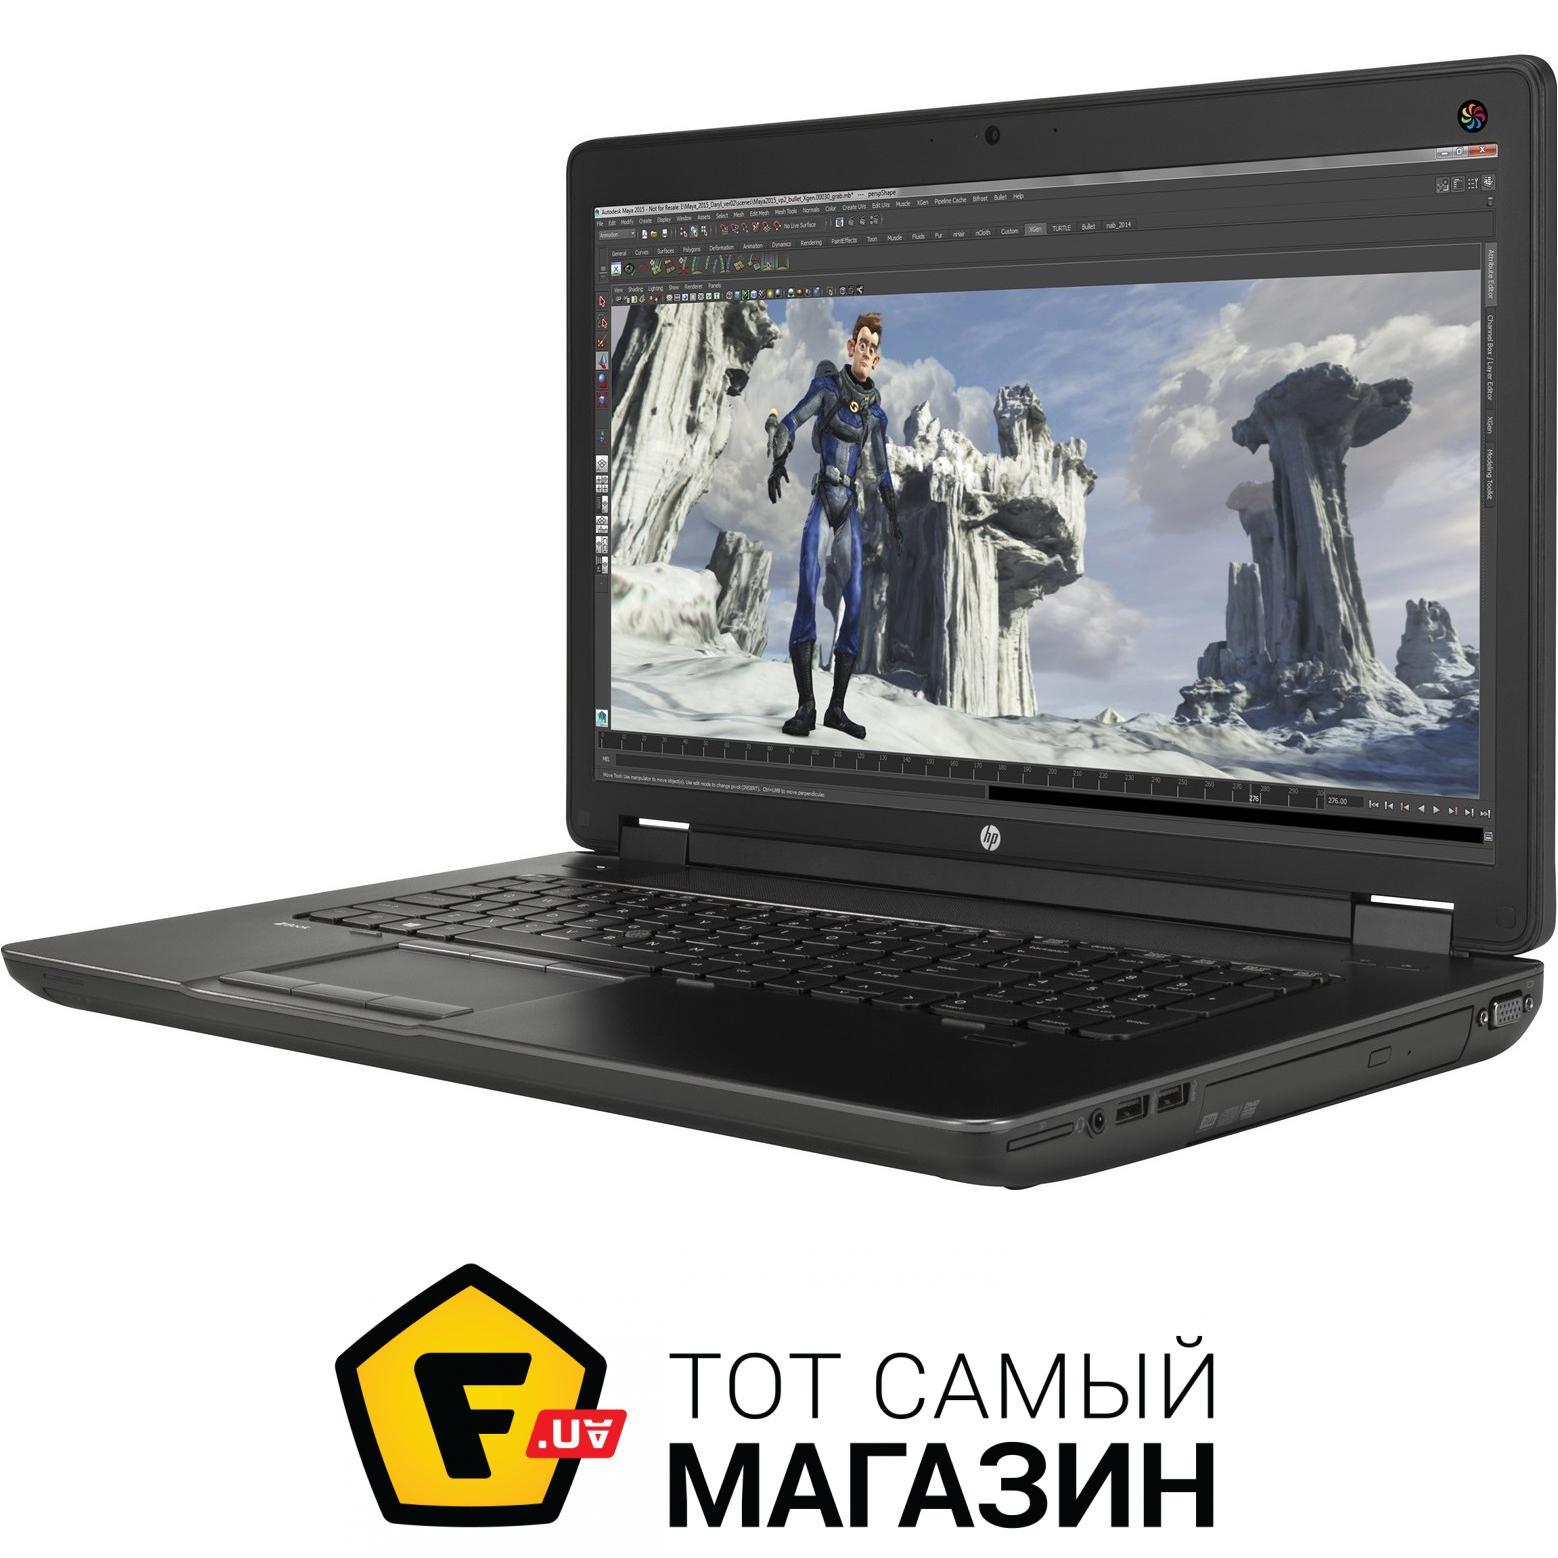 Download Driver: HP ZBook 17 G2 Realtek Card Reader